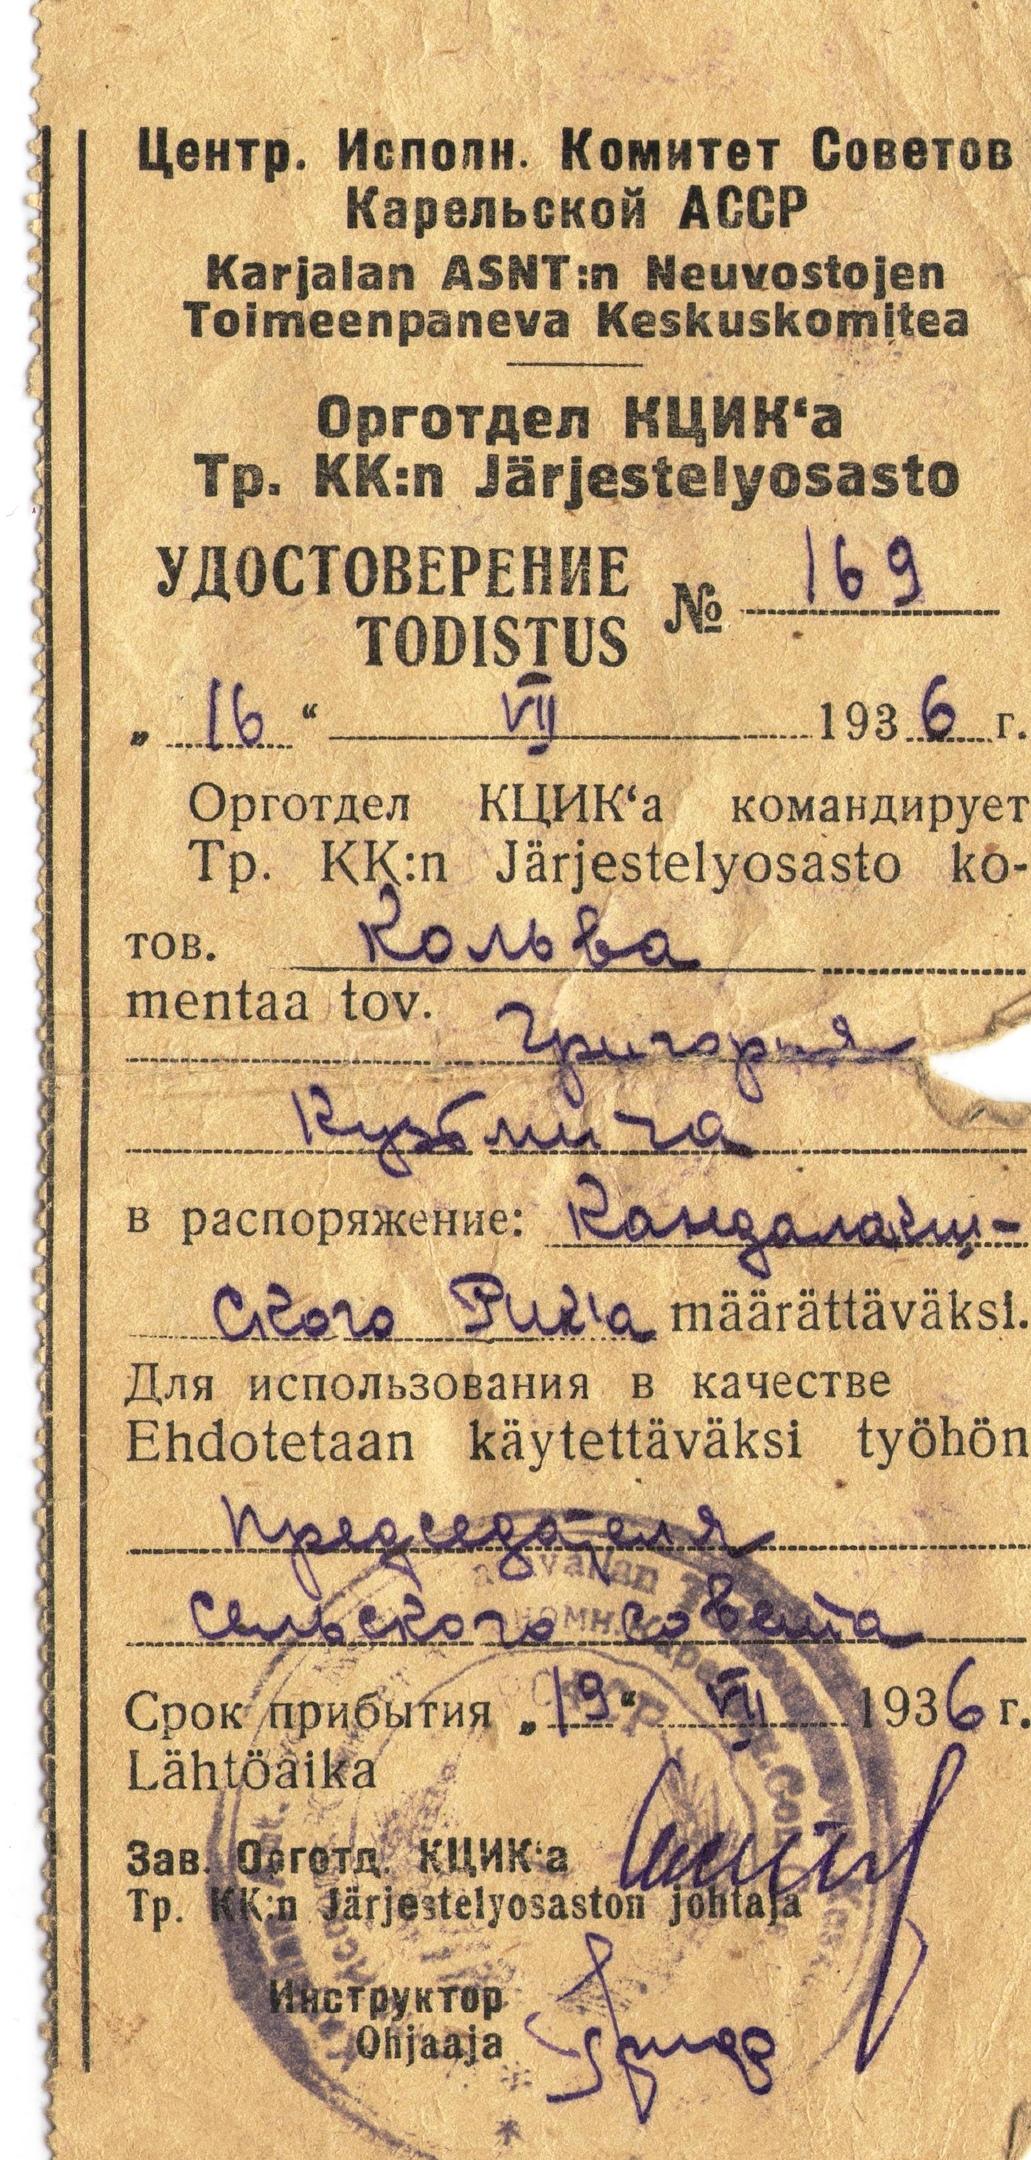 Удостоверение Г.К. Кольве о направлении в Кандалакшский районный исполнительный комитет для использования в качестве председателя сельского совета. 1936 г.